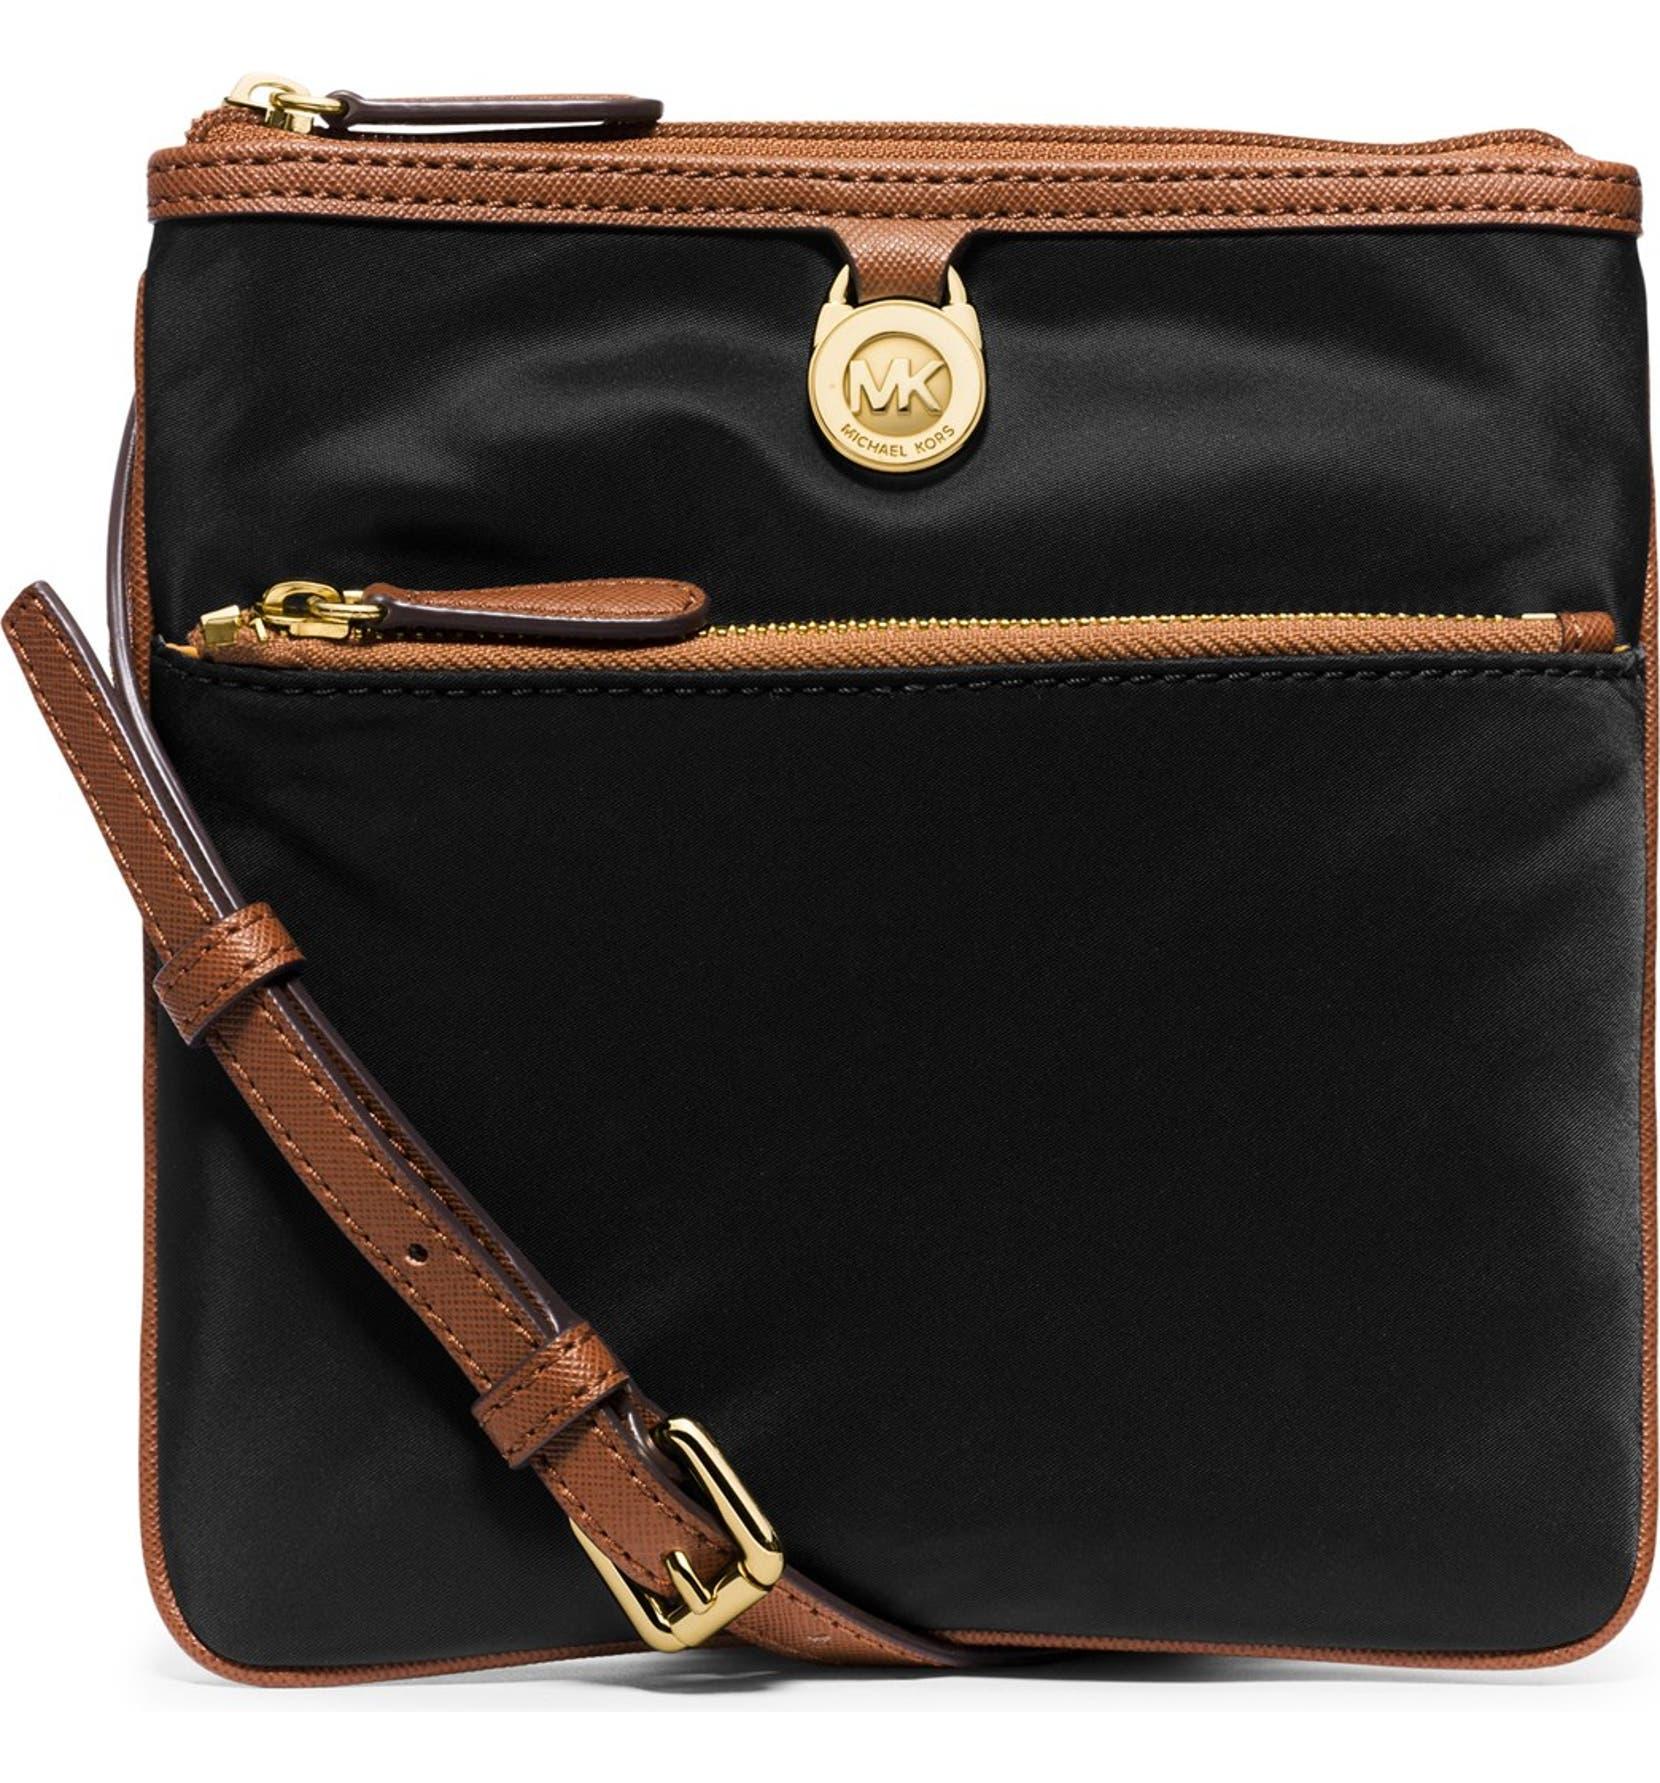 3b95e2b70df3 Michael Kors Handbag Kempton Nylon Small - Foto Handbag All ...